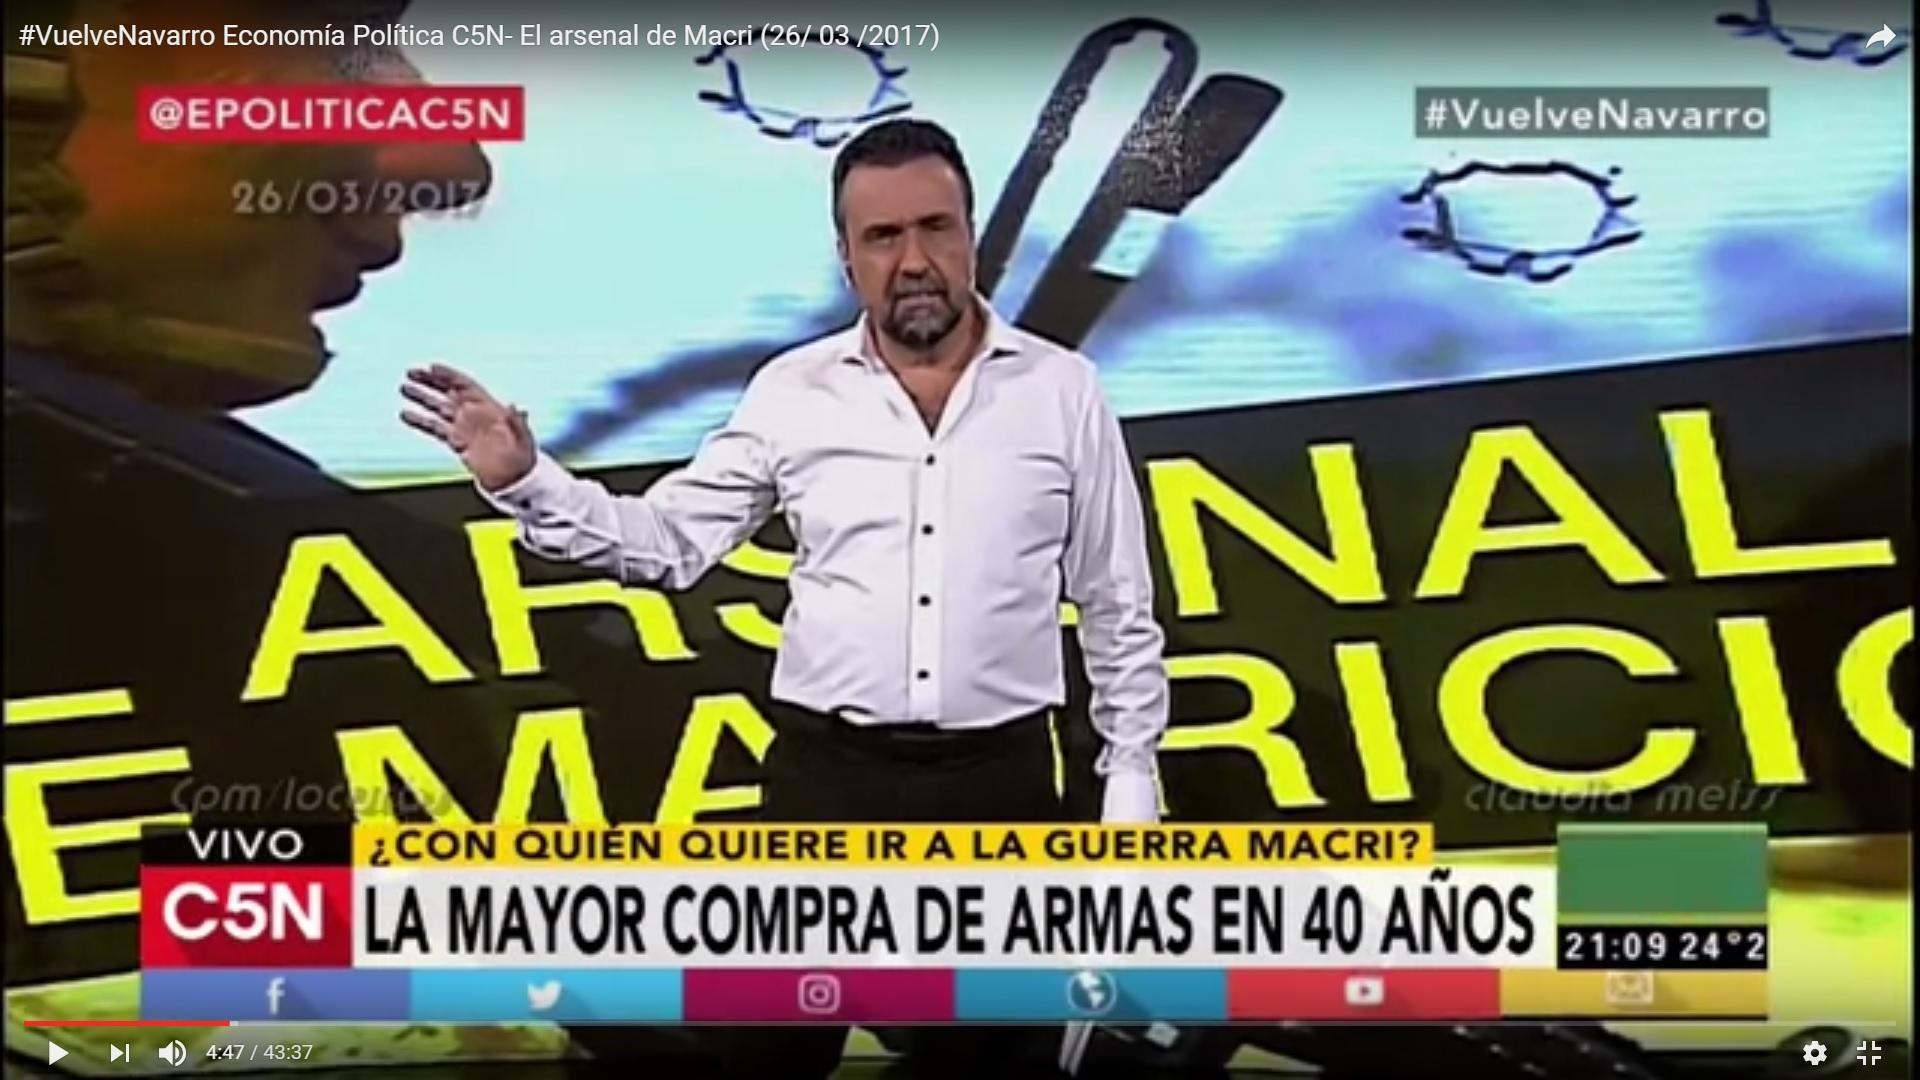 """Navarro: """"La mayor compra de armas en lo últimos 40 años"""""""